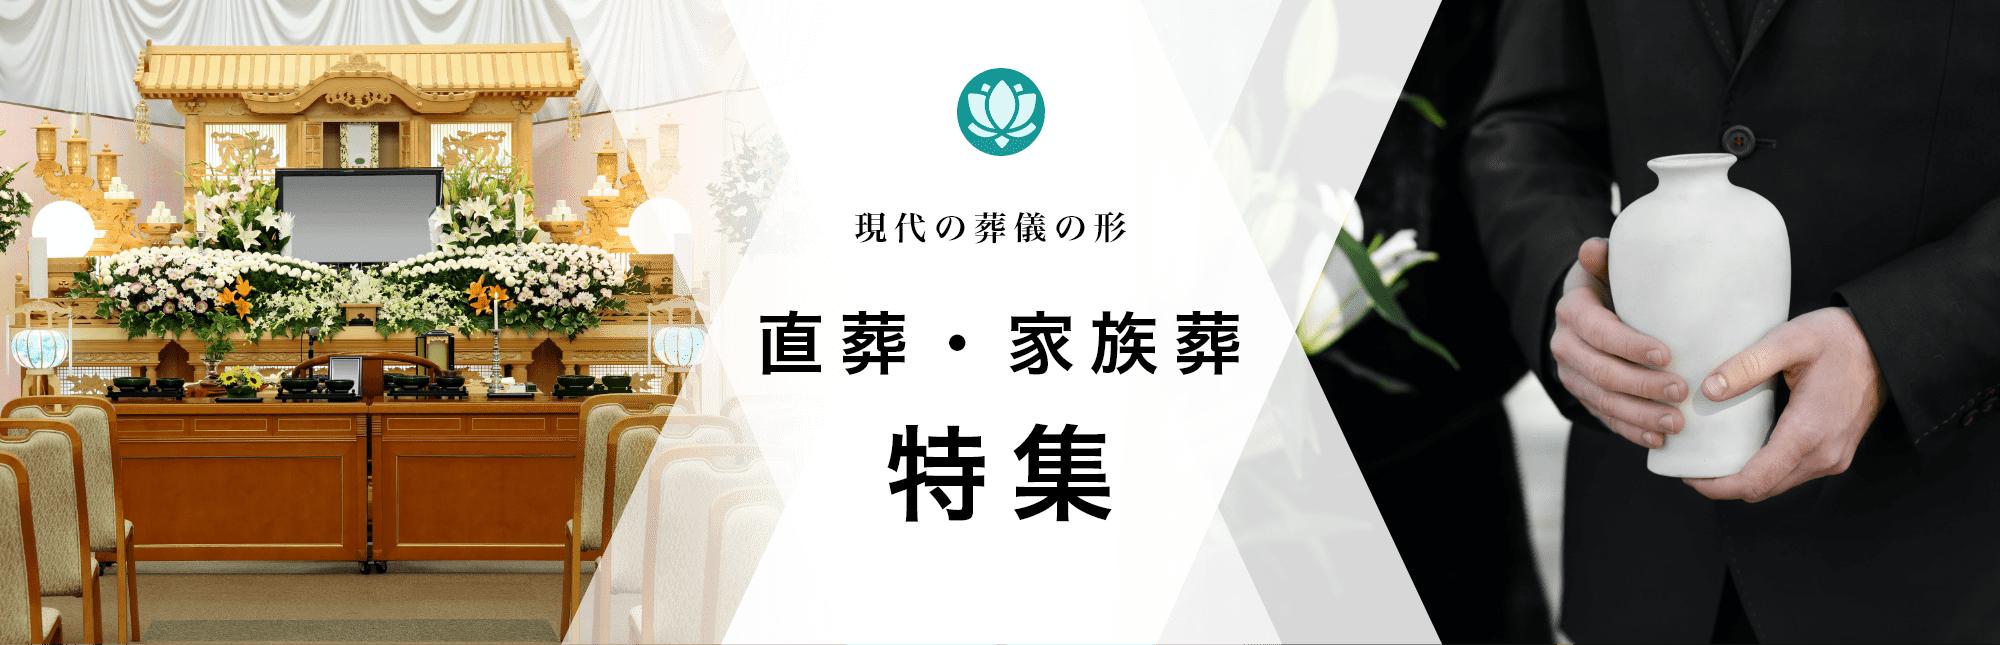 【札幌の直葬・家族葬】費用や選び方は?相場は直葬は約20万、家族葬は約